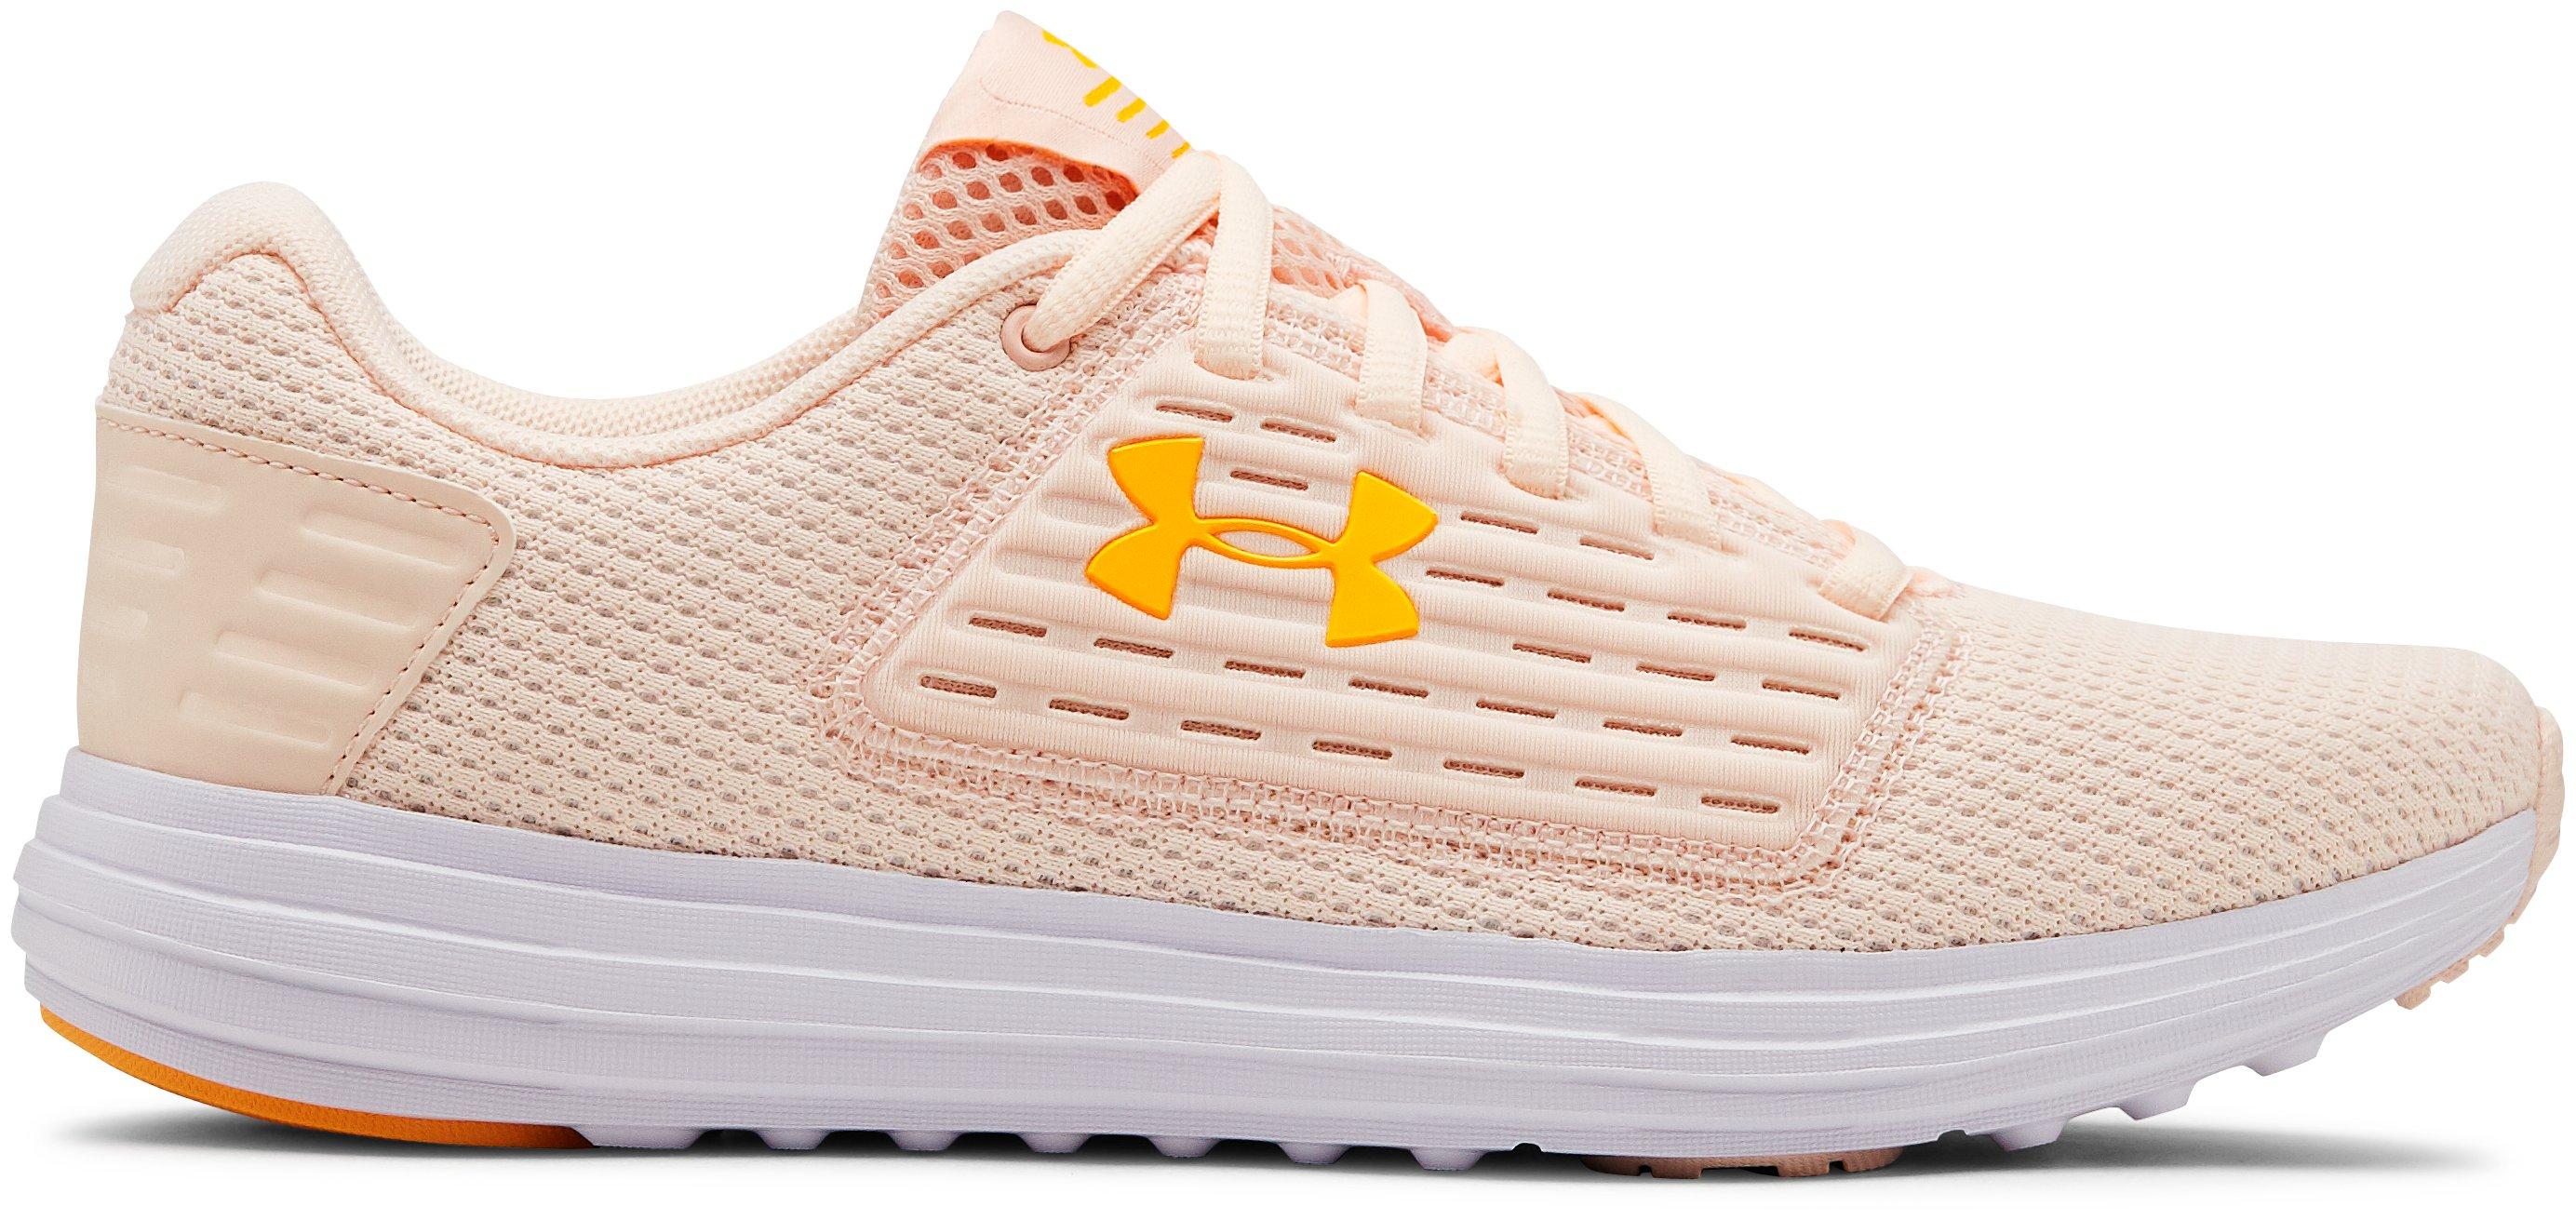 Sepatu Lari UA Surge SE untuk Wanita, 360 degree view